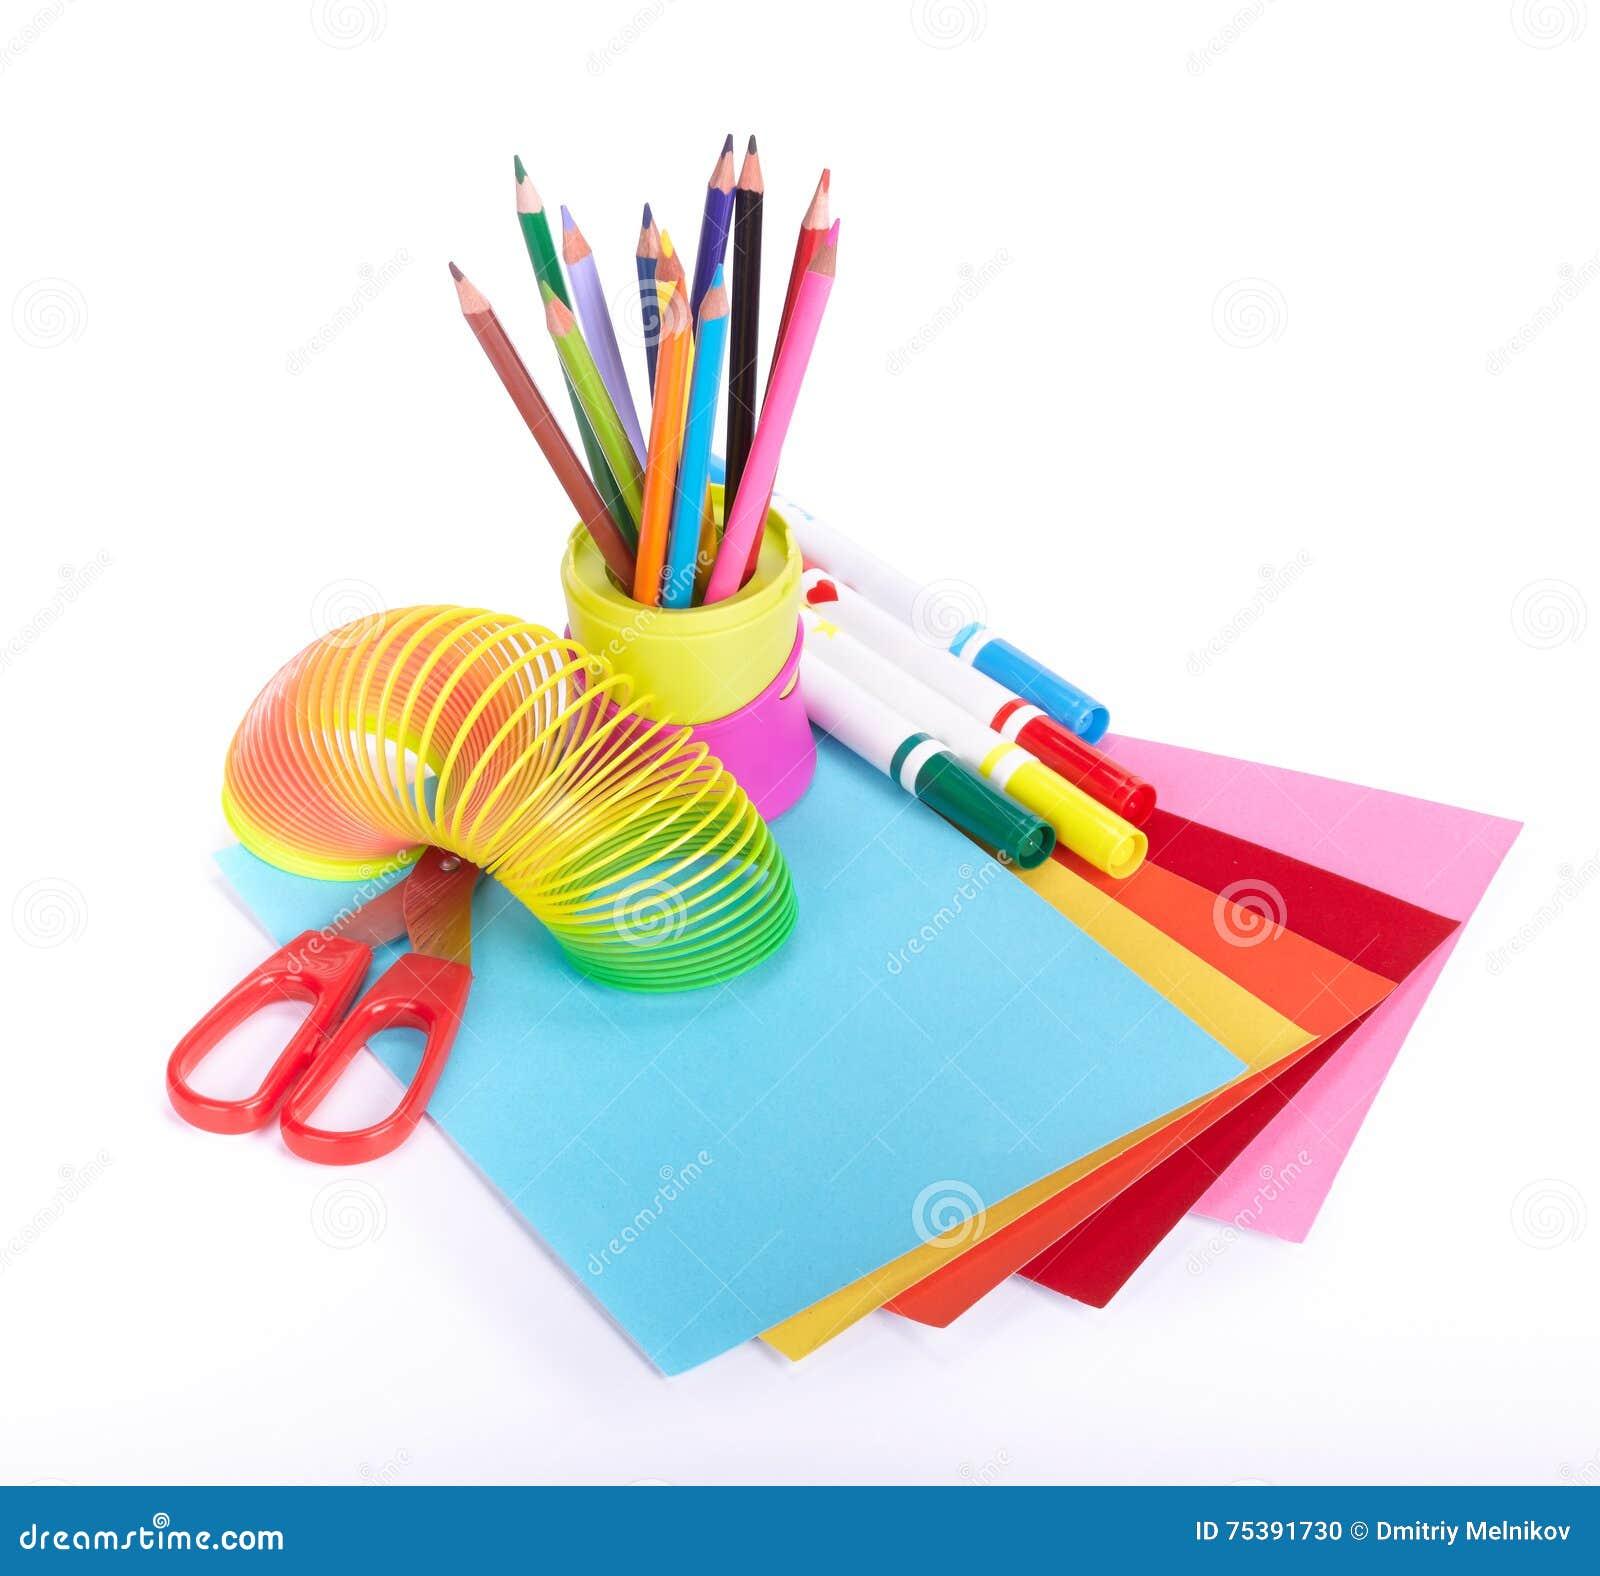 Diverse schooltoebehoren aan de creativiteit van kinderen